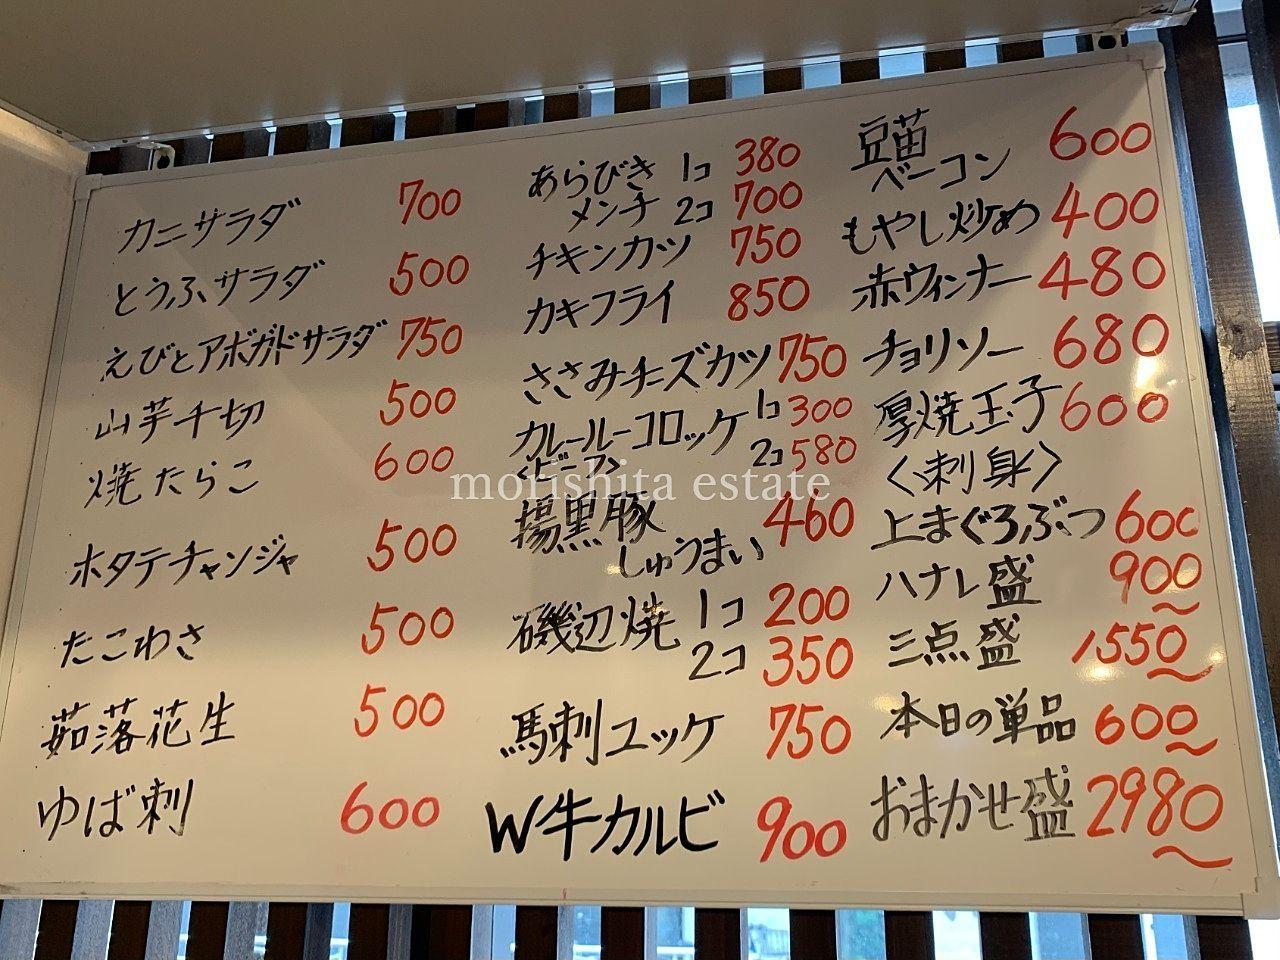 新大橋 ひびき ハナレ お蕎麦 定食 弁当 元力士大至 写真